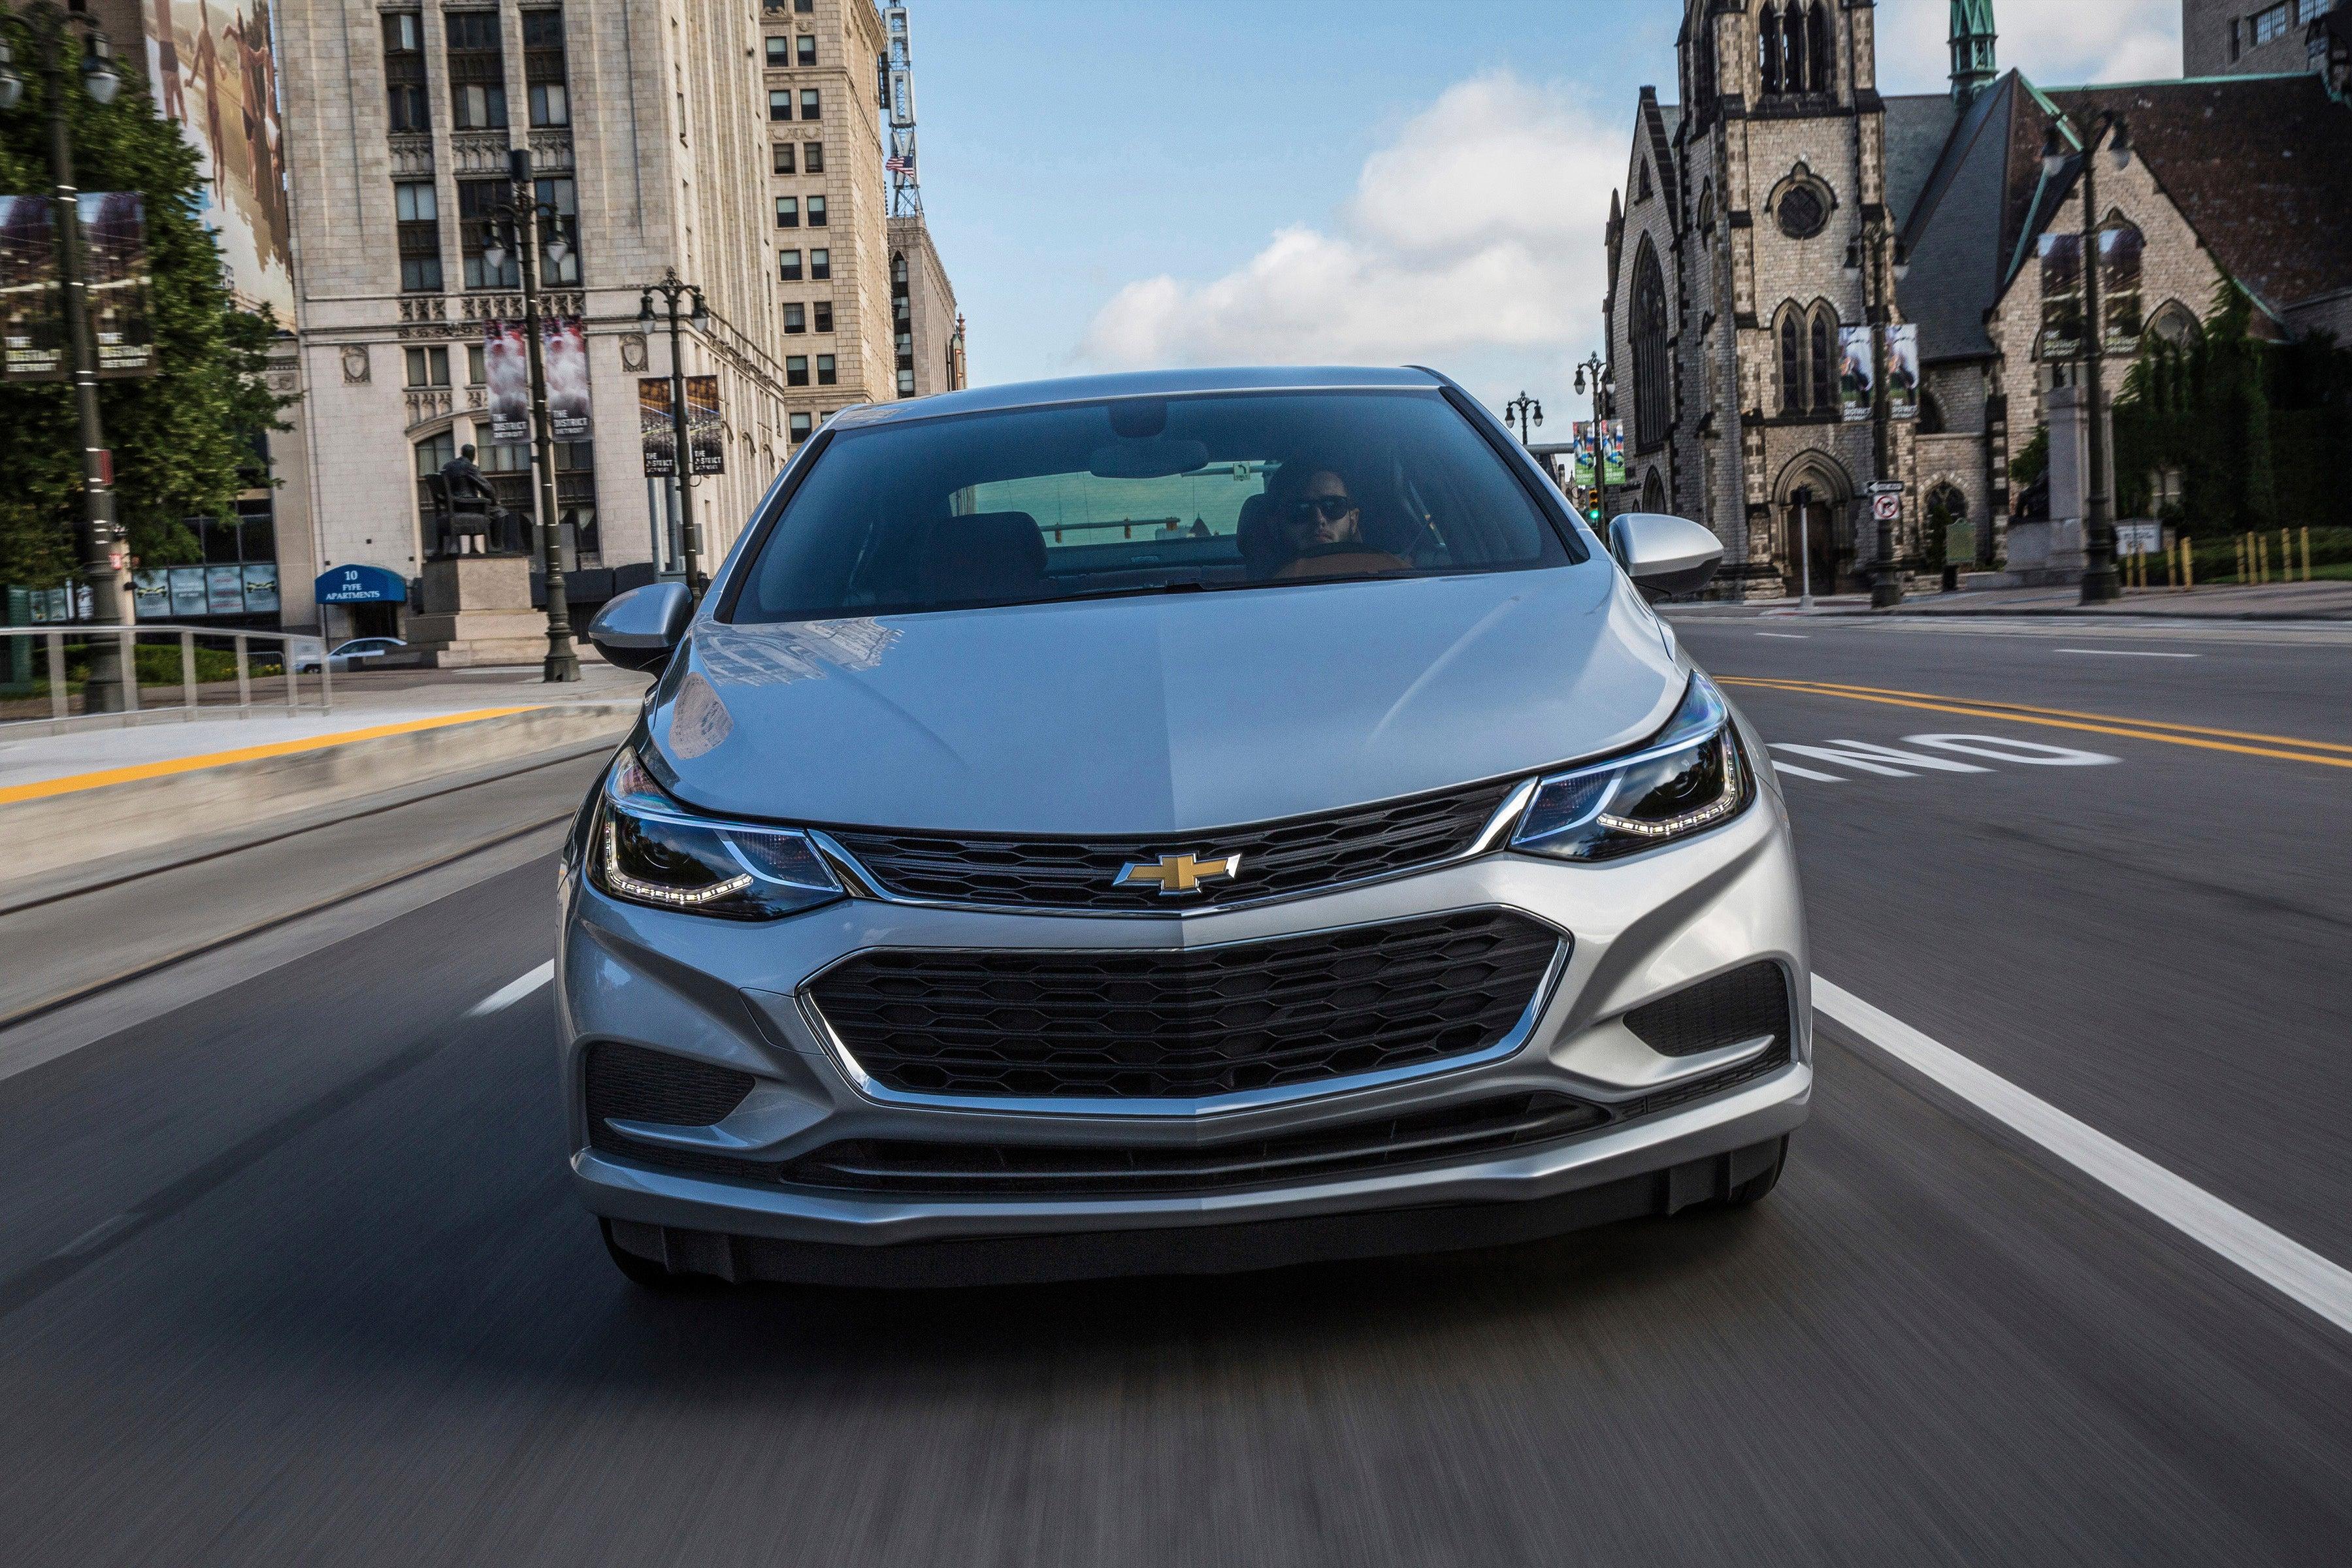 The 2017 Chevrolet Cruze.